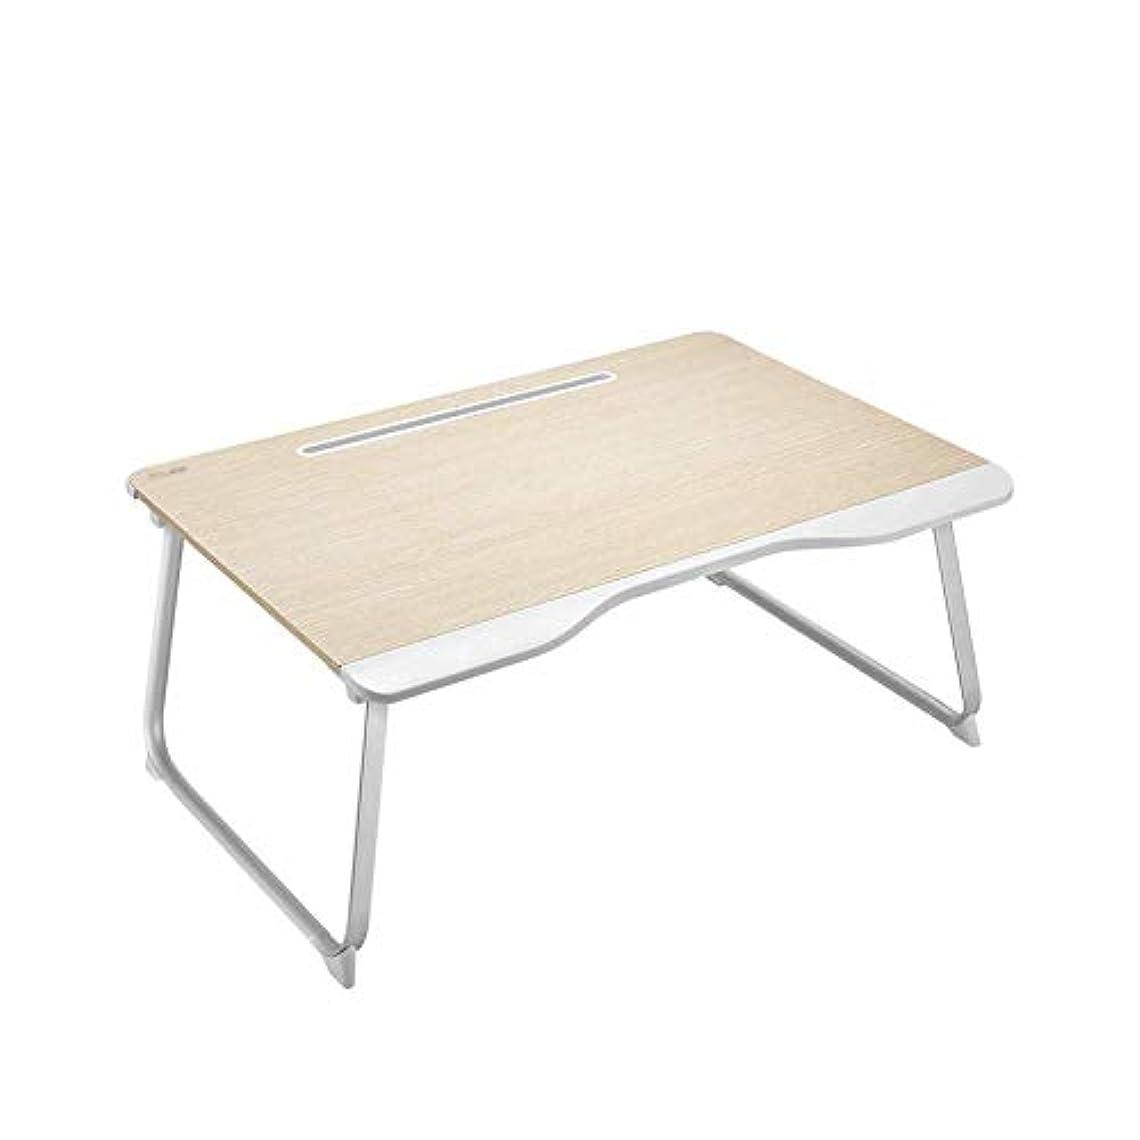 和らげる名詞定期的にL-H-X 折りたたみ式テーブル、ノートパソコンの机学生寮の机の上に座っているベッド折りたたみ式ブラケットライティングデスク小さなテーブル家庭用テーブル子供用出窓の大きな高さのポータブルテーブル